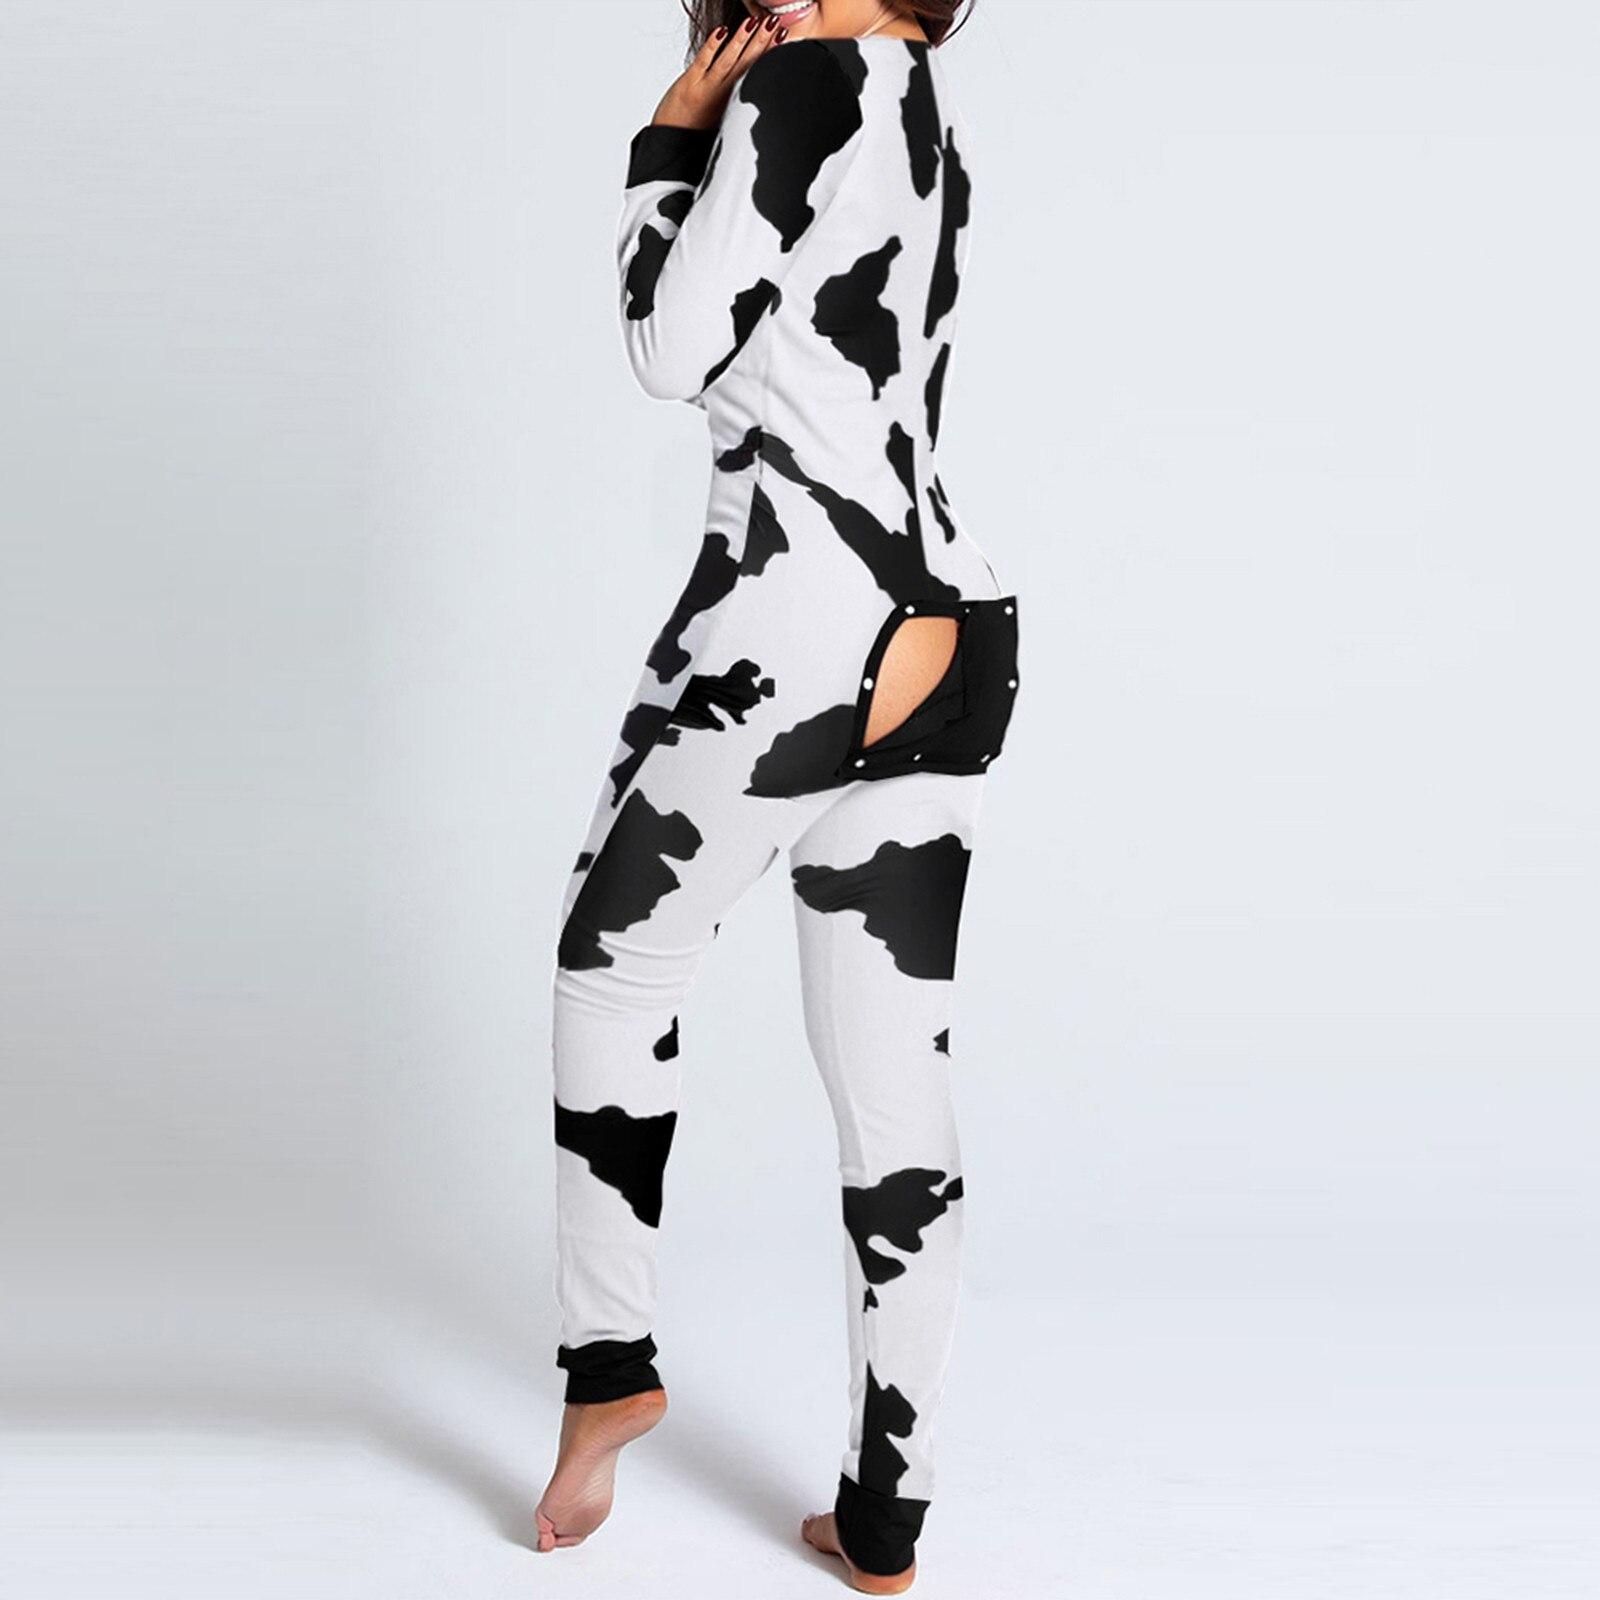 Seksowne damskie piżamy Onesies zapinane na guziki z przodu dekolt w szpic piżamy dla dorosłych kombinezon funkcjonalny zapinany na guziki Flap piżama Femme bielizna nocna